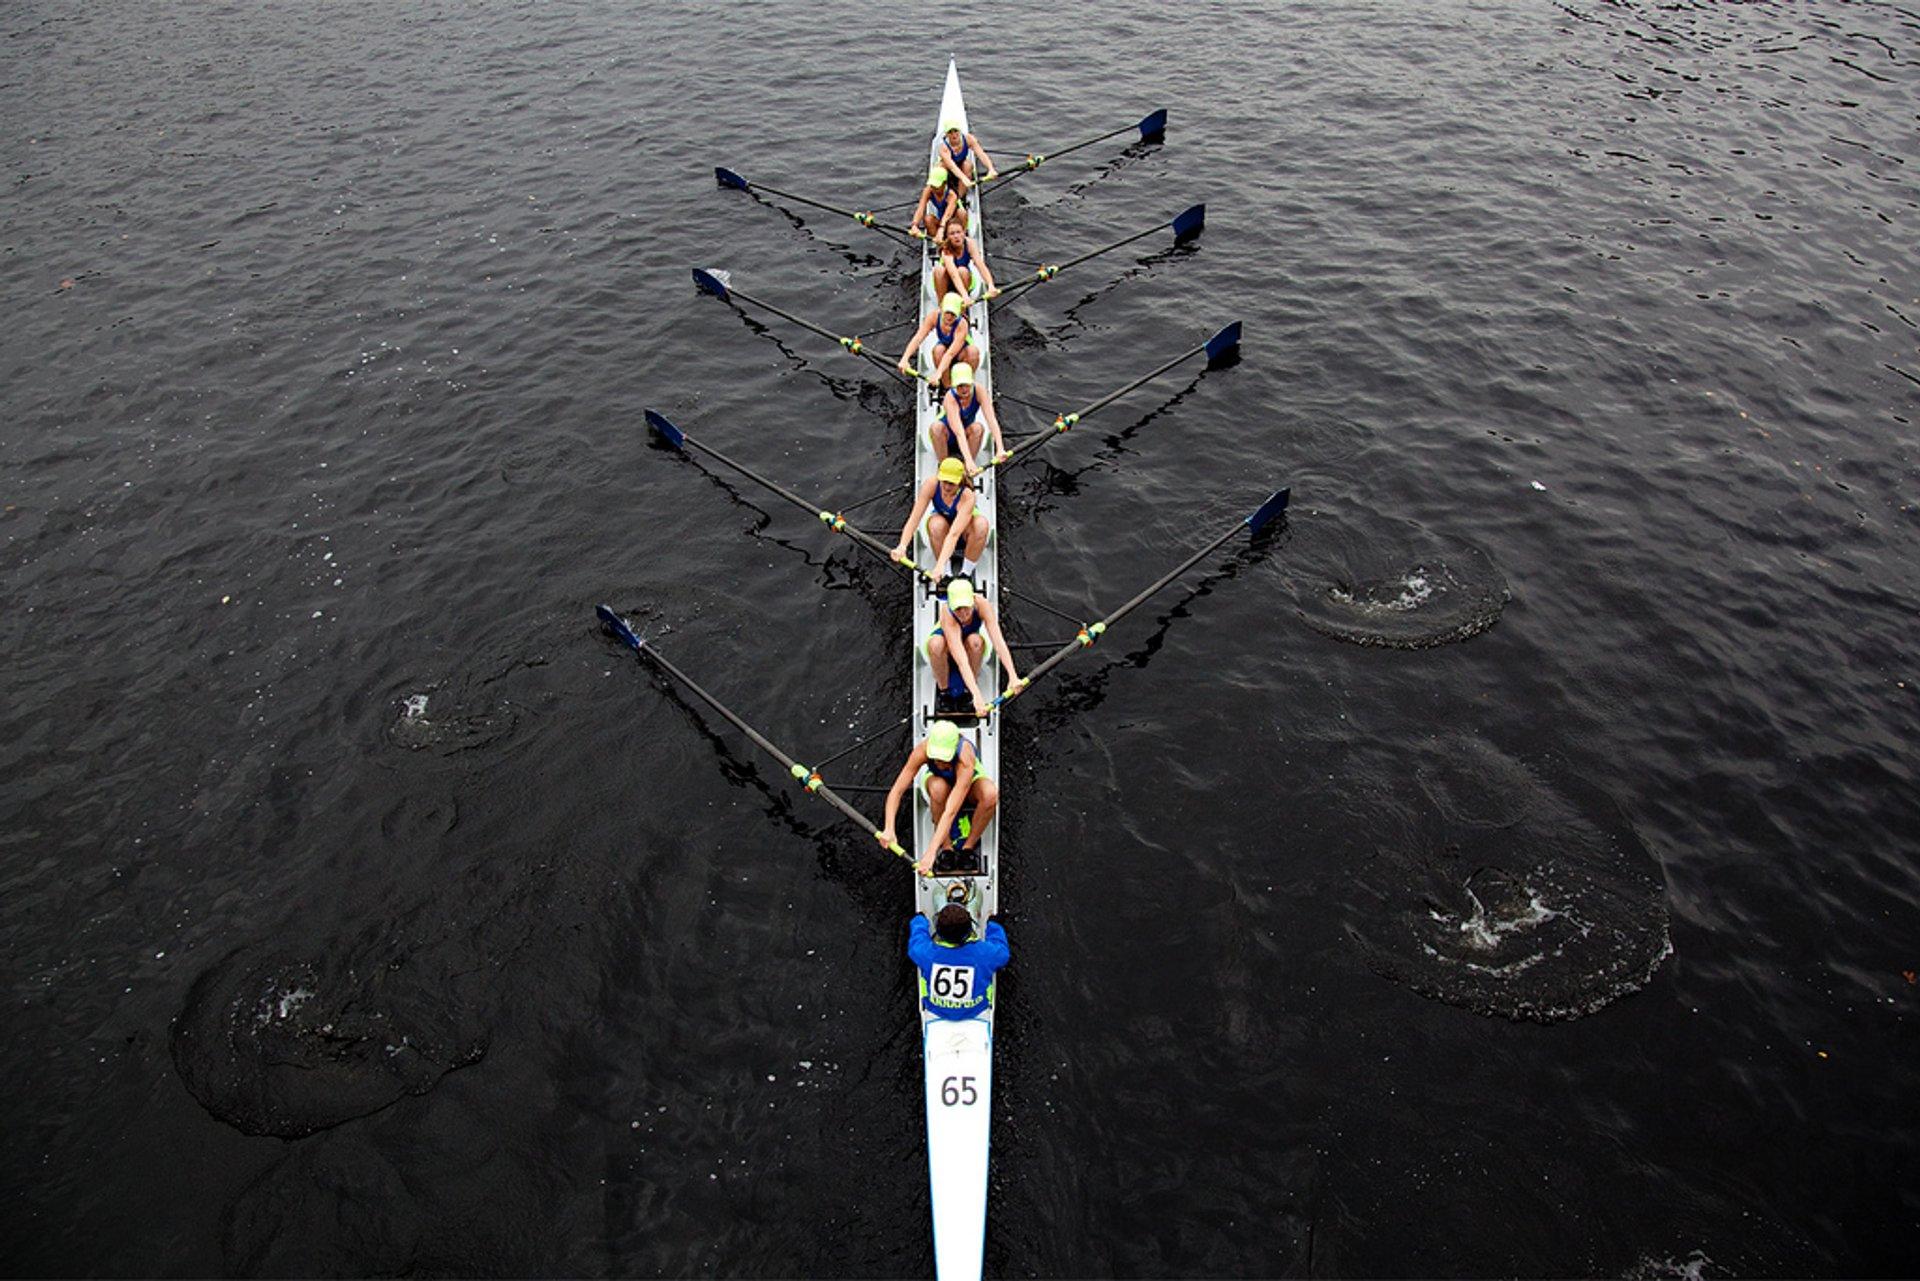 Charles Canoe and Kayak Races in Boston - Best Season 2019